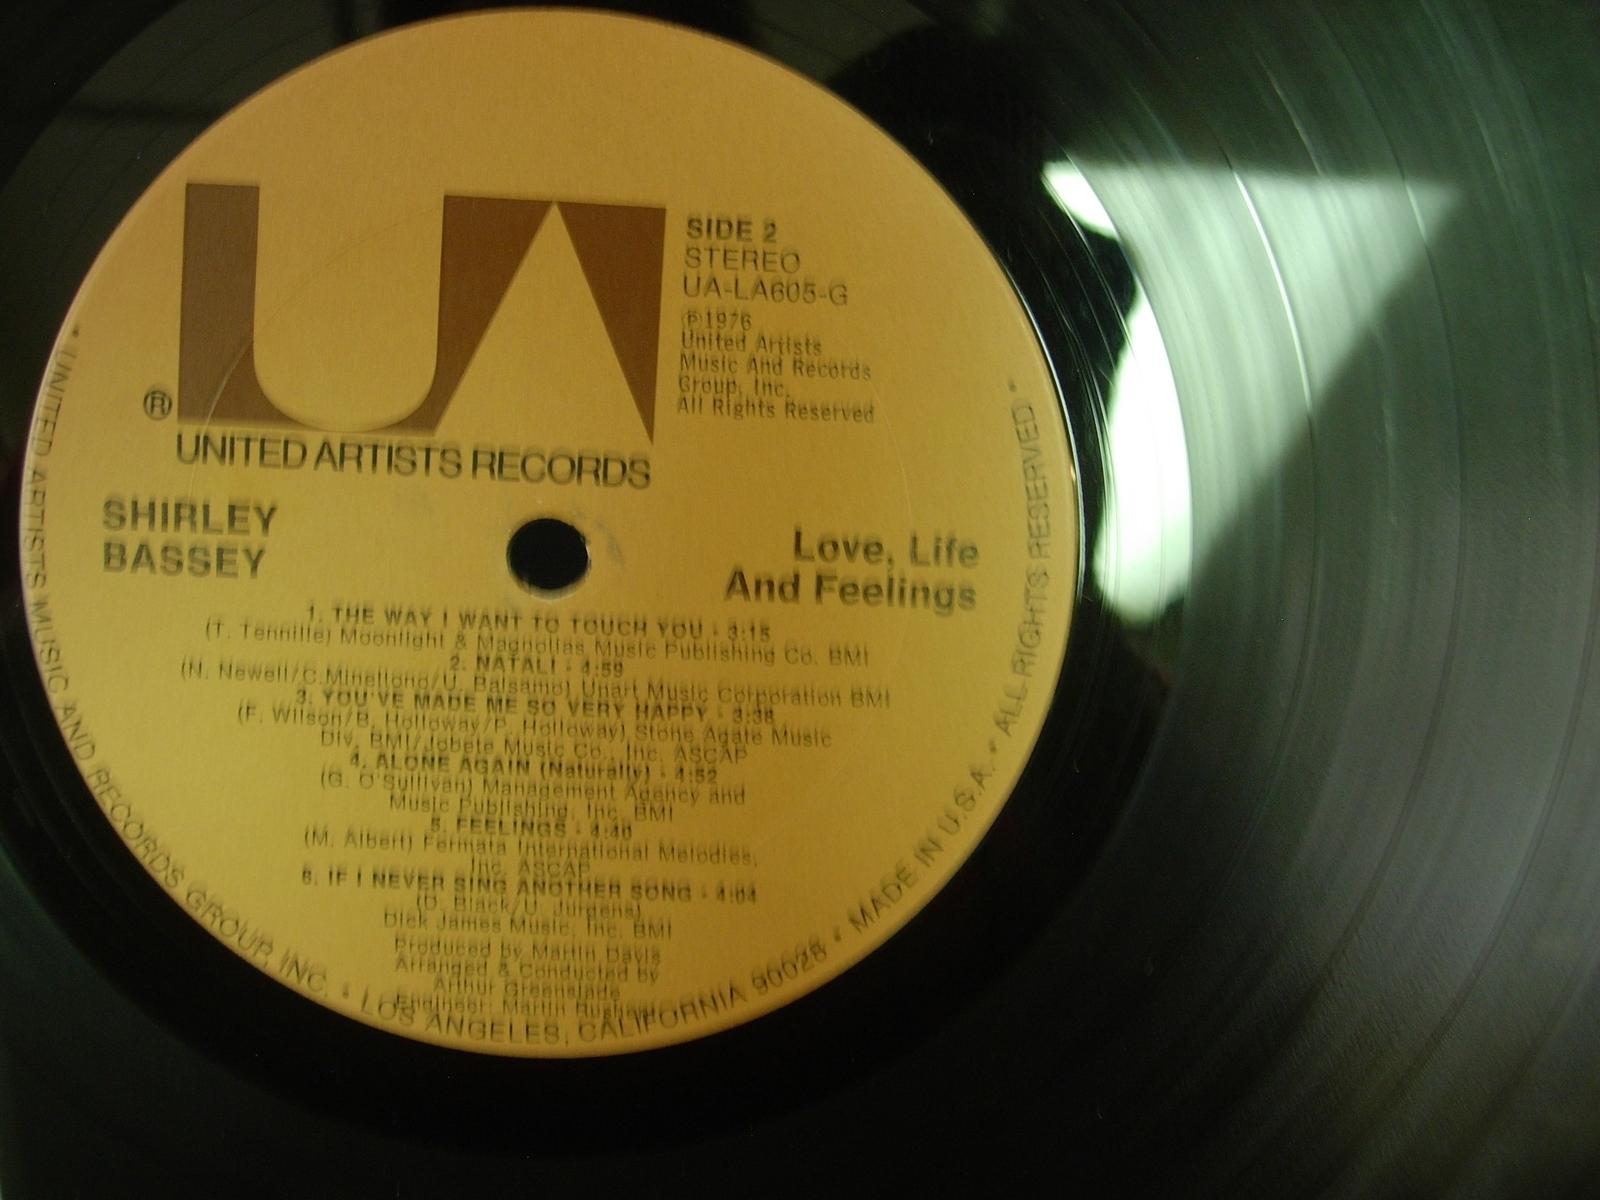 Shirley Bassey - Love, Life and Feeling - United Artists UA-LA605-G